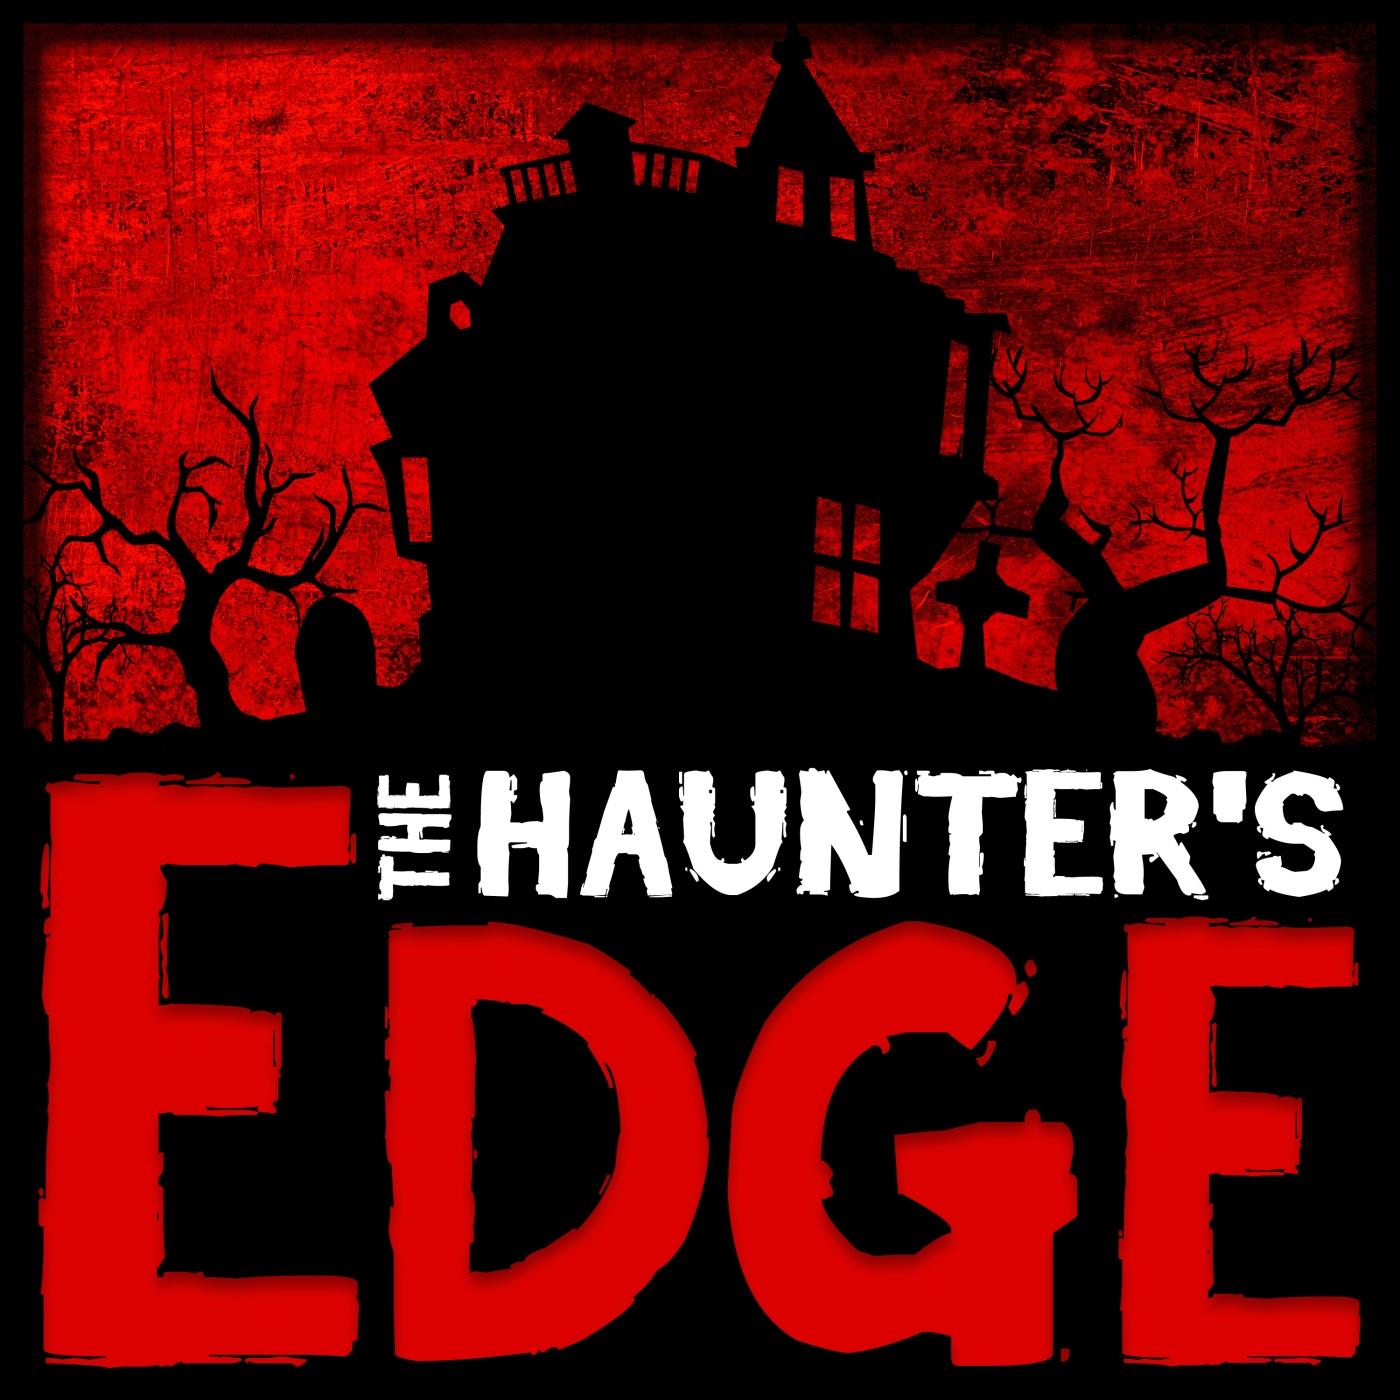 The Haunter's Edge